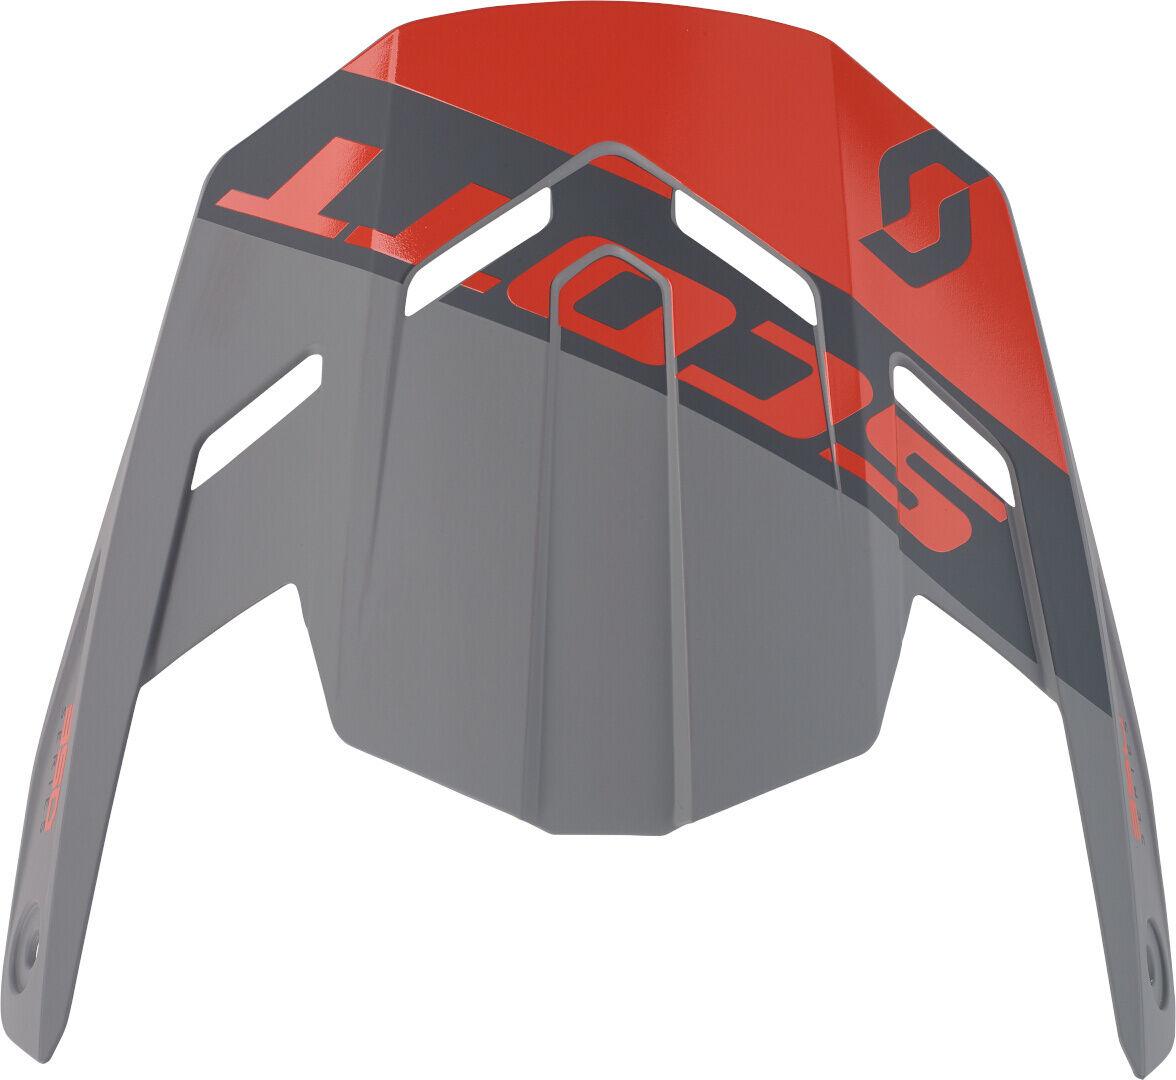 Scott 350 Evo Plus Dash Pic casque pour enfants Noir Gris Rouge taille : unique taille